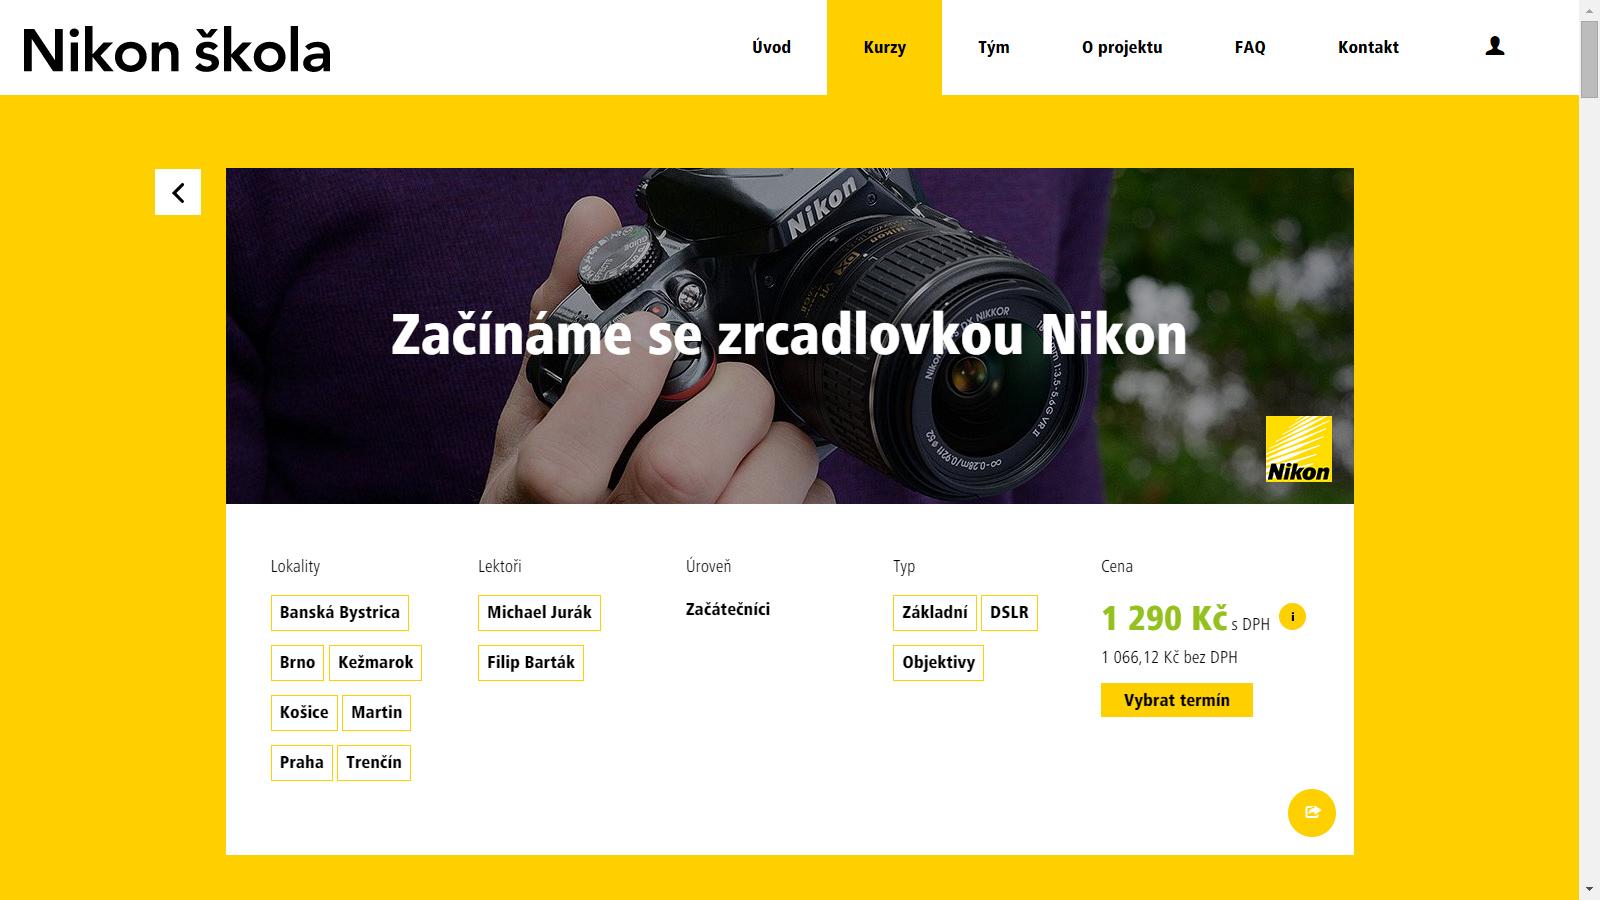 Nikon škola na Slovensku